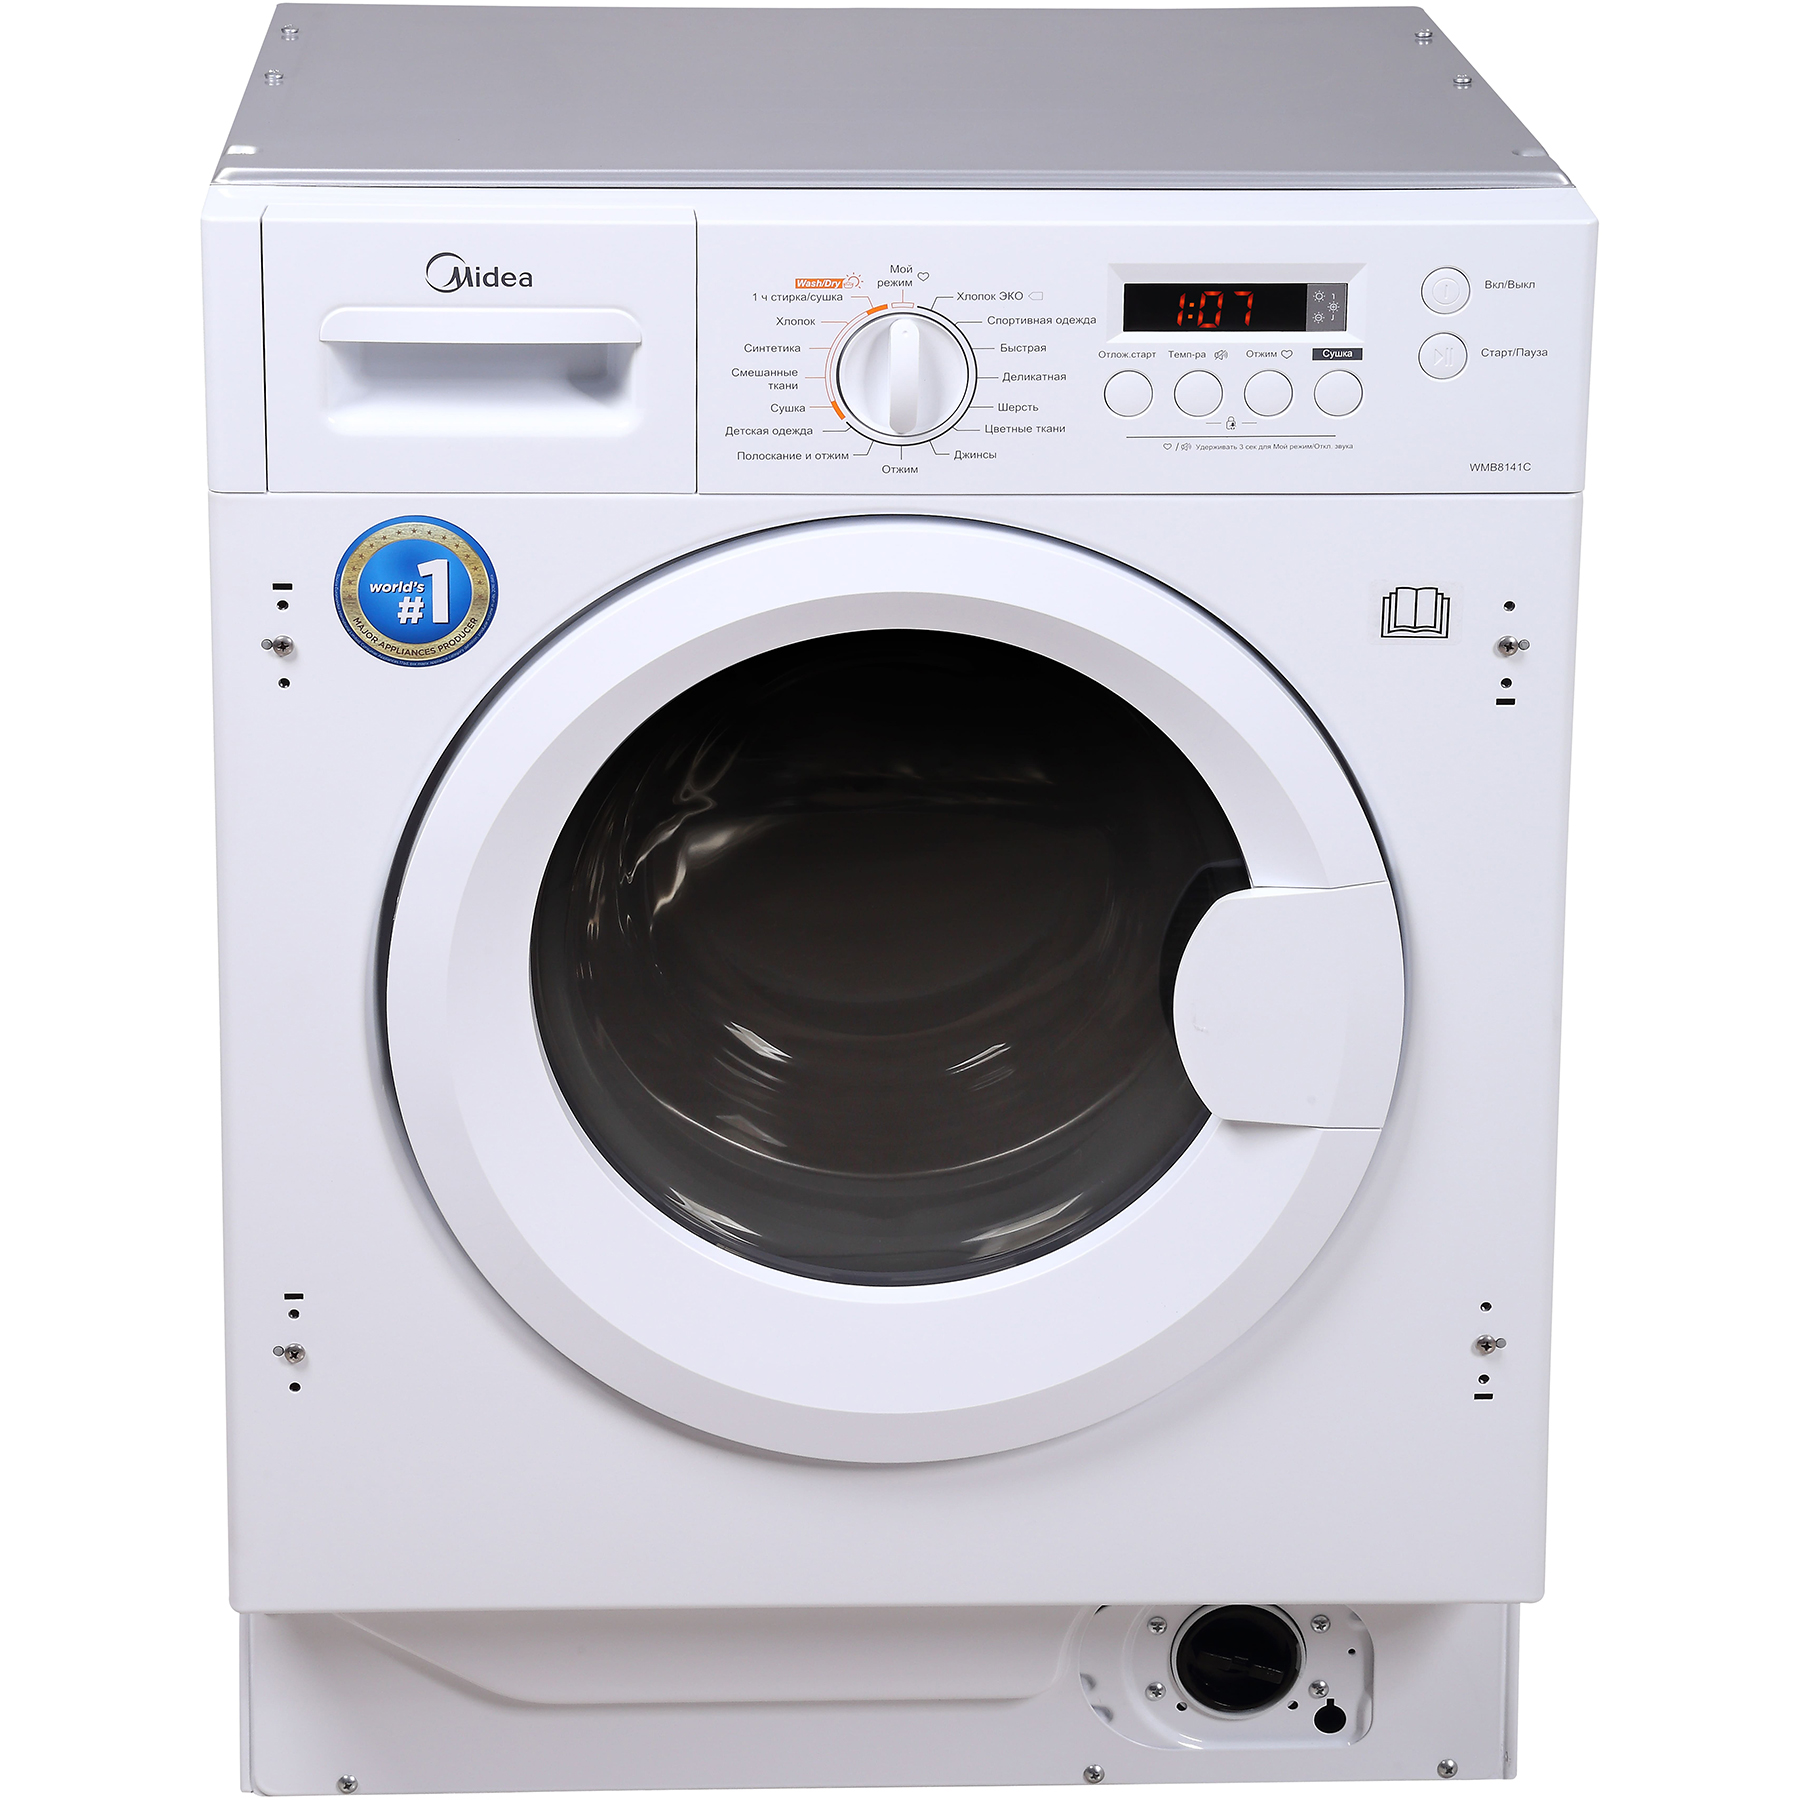 Фото - Стиральная машина Midea WMB8141C стиральная машина midea mwm7143 glory